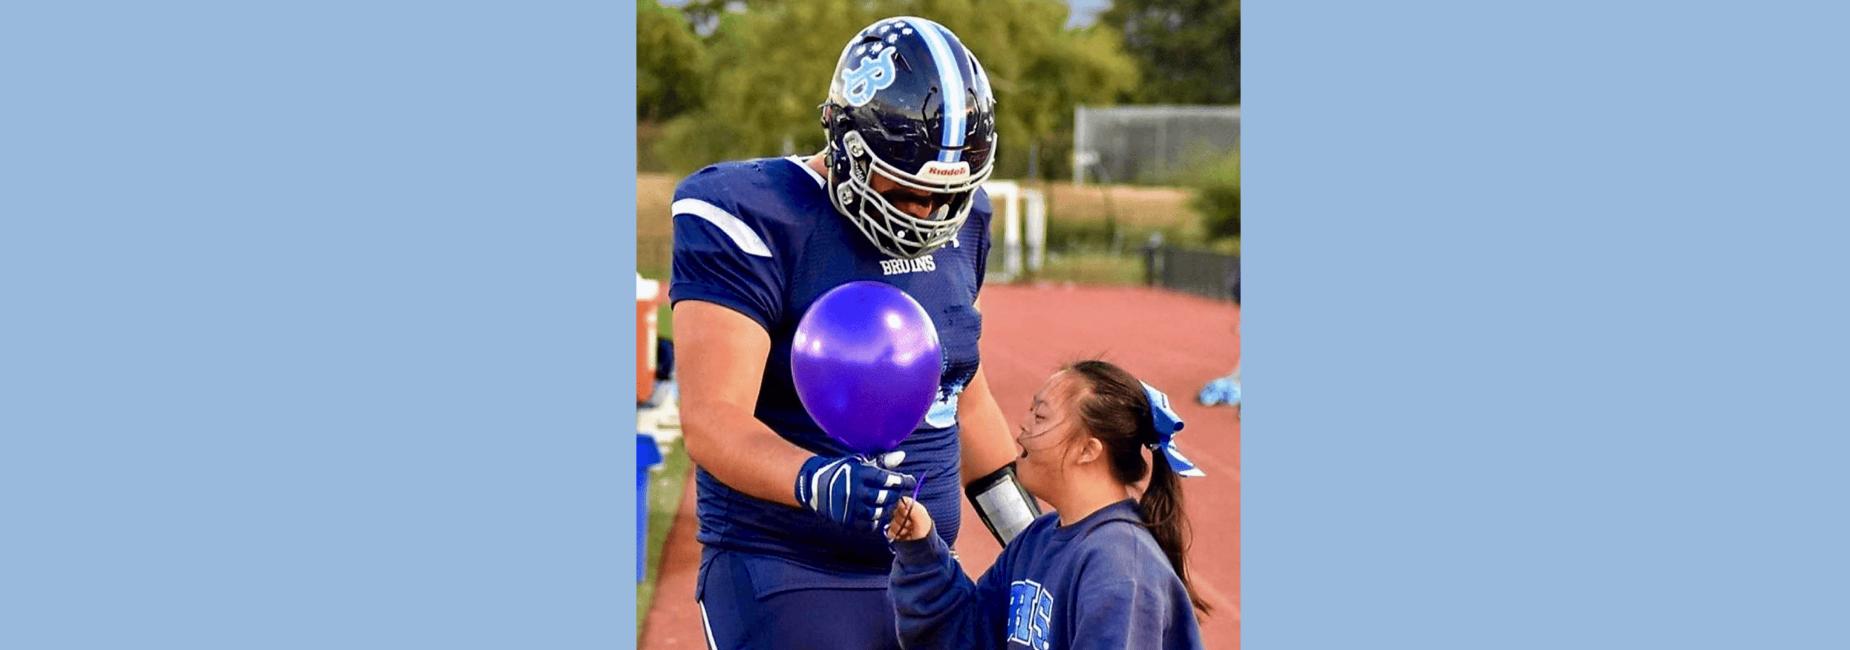 Varsity footballer gives balloon to cheerleader